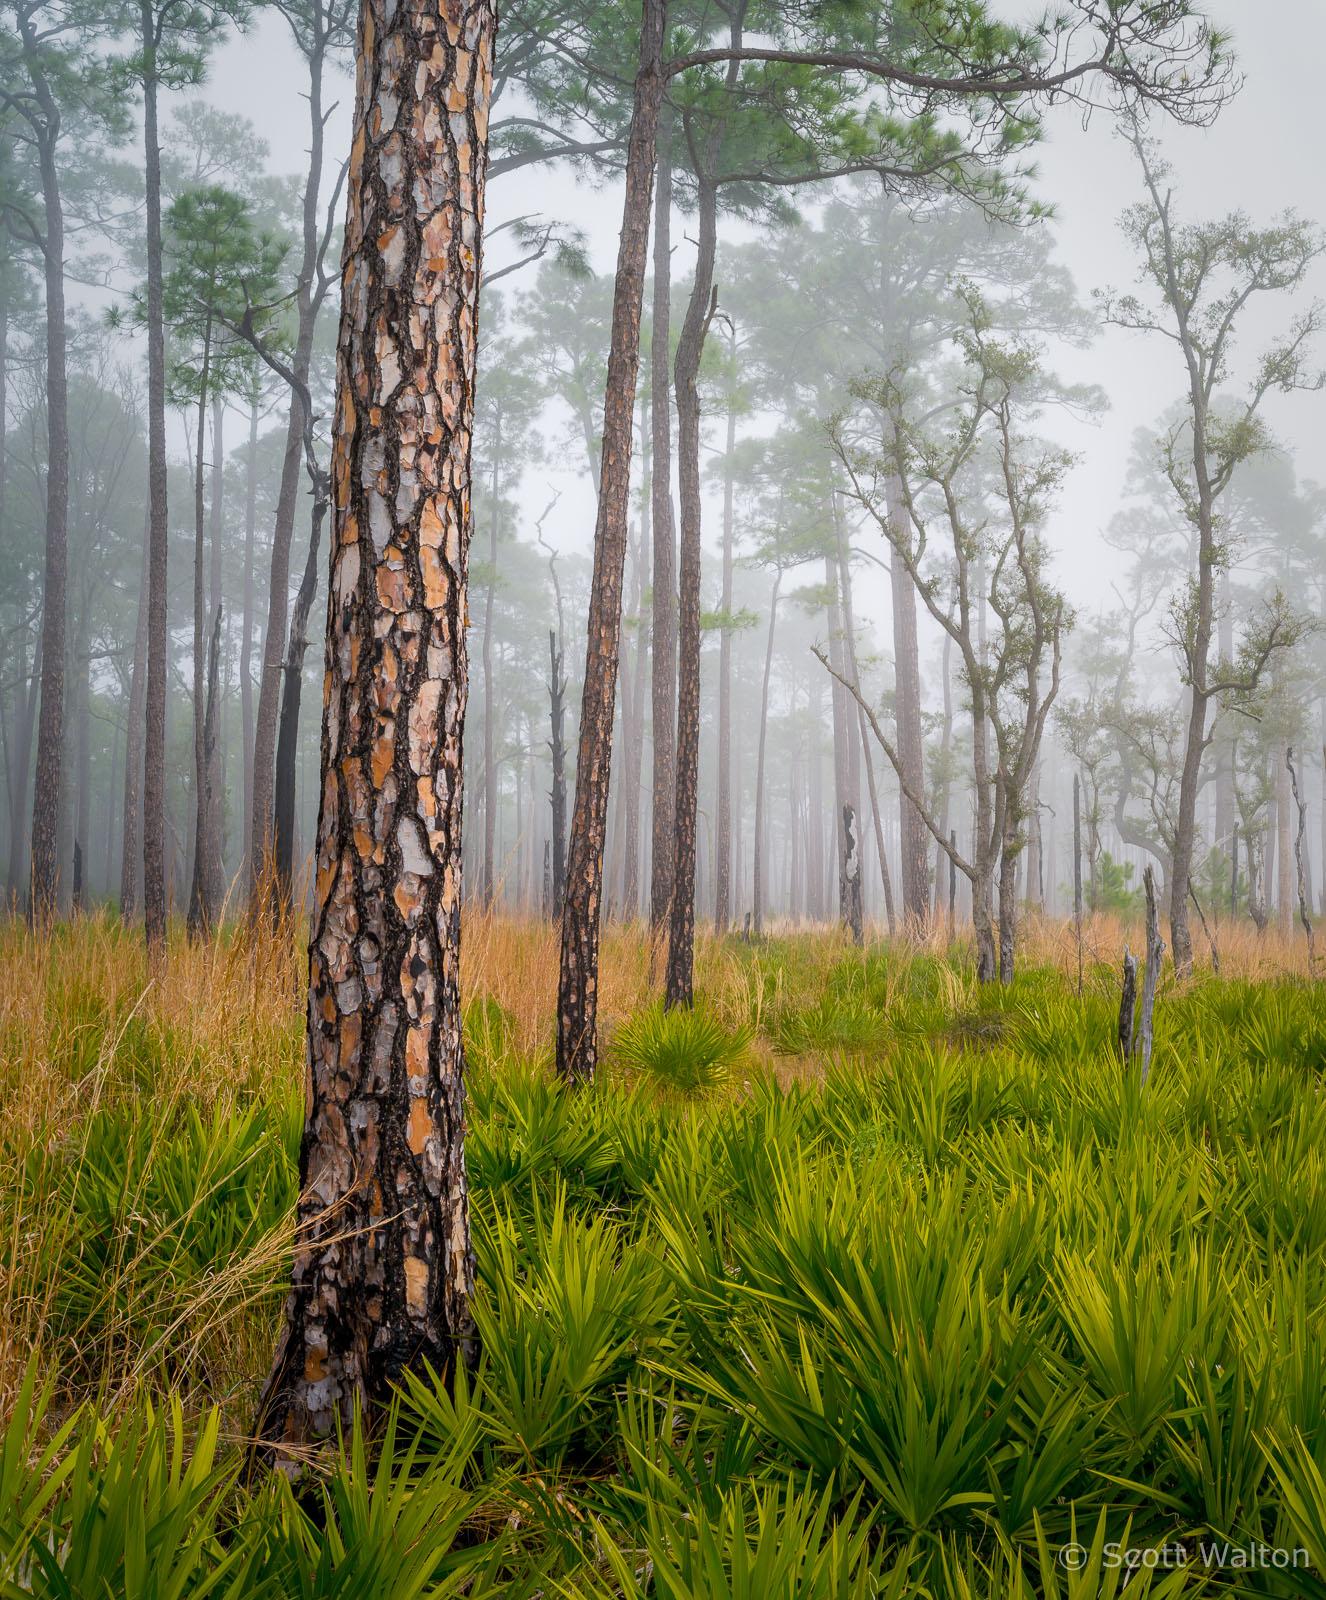 Longleaf-Pine-Fog-Choctawhatchee-Eglin-Florida.jpg